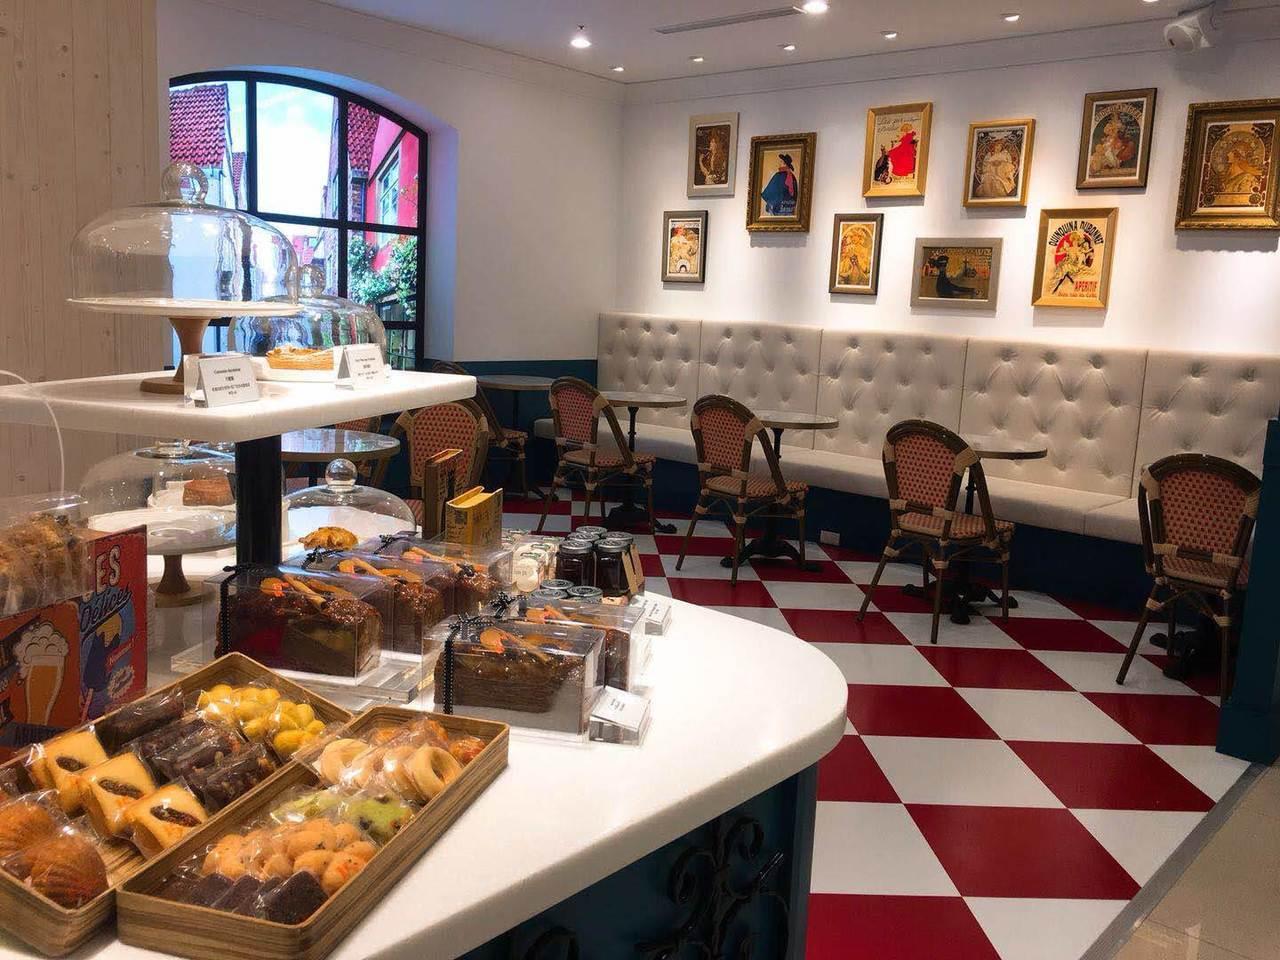 巴黎十五提供法式輕食、甜點。圖/業者提供